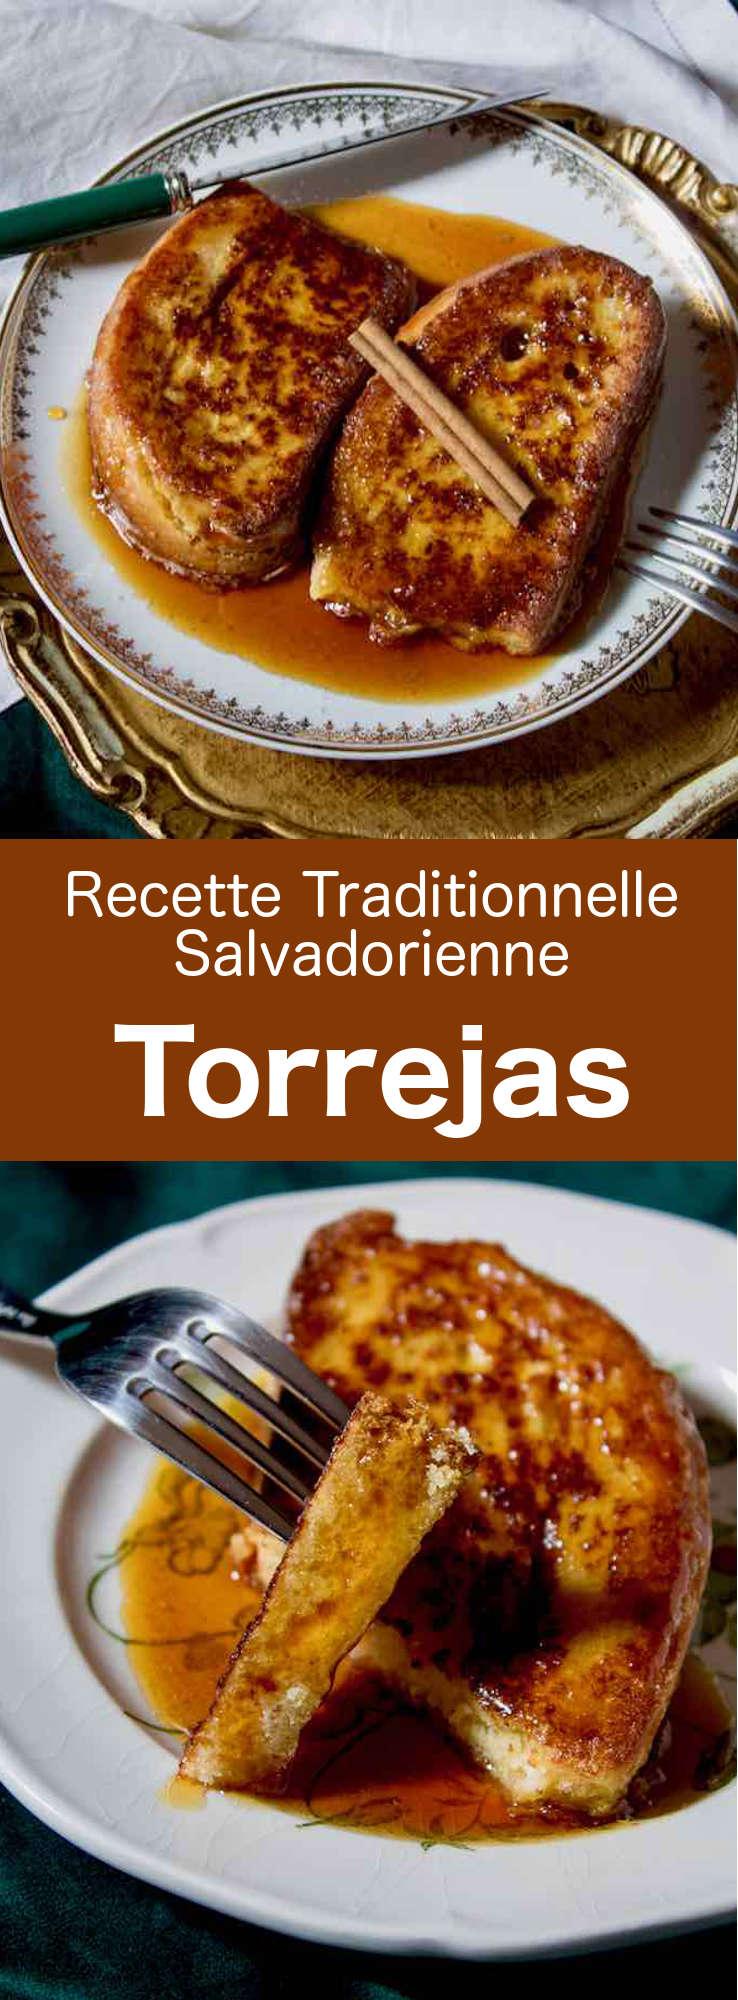 Les torrejas sont la délicieuse version latino-américaine du pain perdu, avec un sirop à base de panela et diverses épices. #Salvador #CuisineSalvadorienne #AmeriqueCentrale #CuisineDuMonde #196flavors